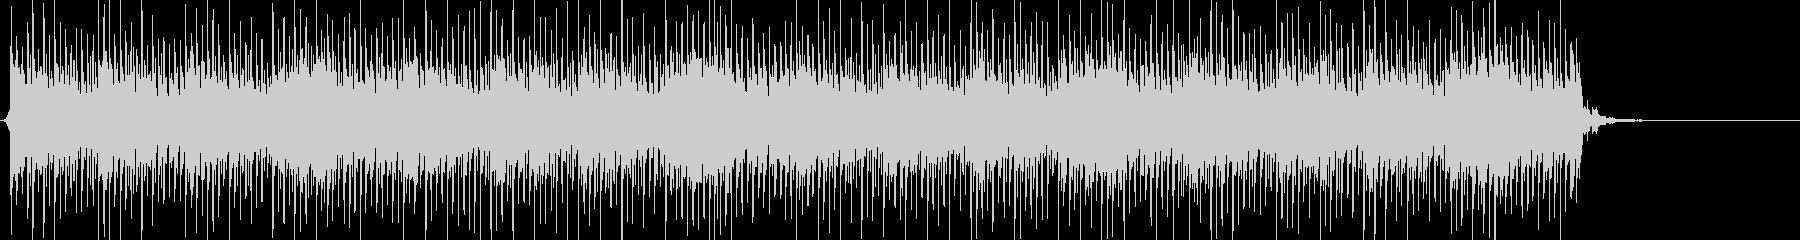 緊張感、テンポ感あるエレクトロの未再生の波形